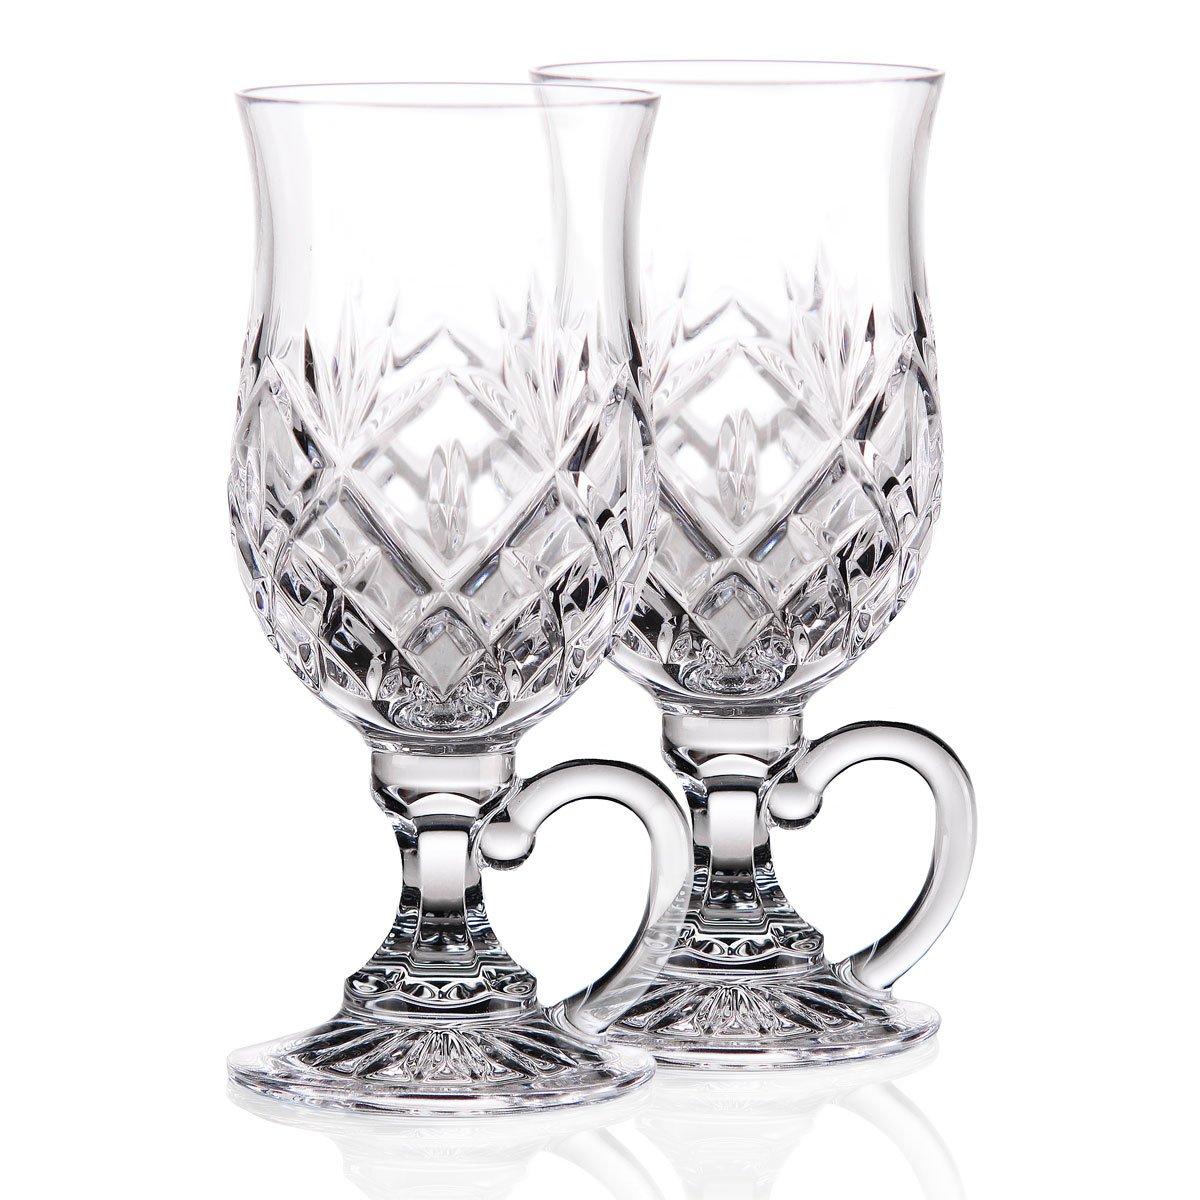 Waterford Crystal, Huntley Irish Coffee Glasses, Pair by Waterford